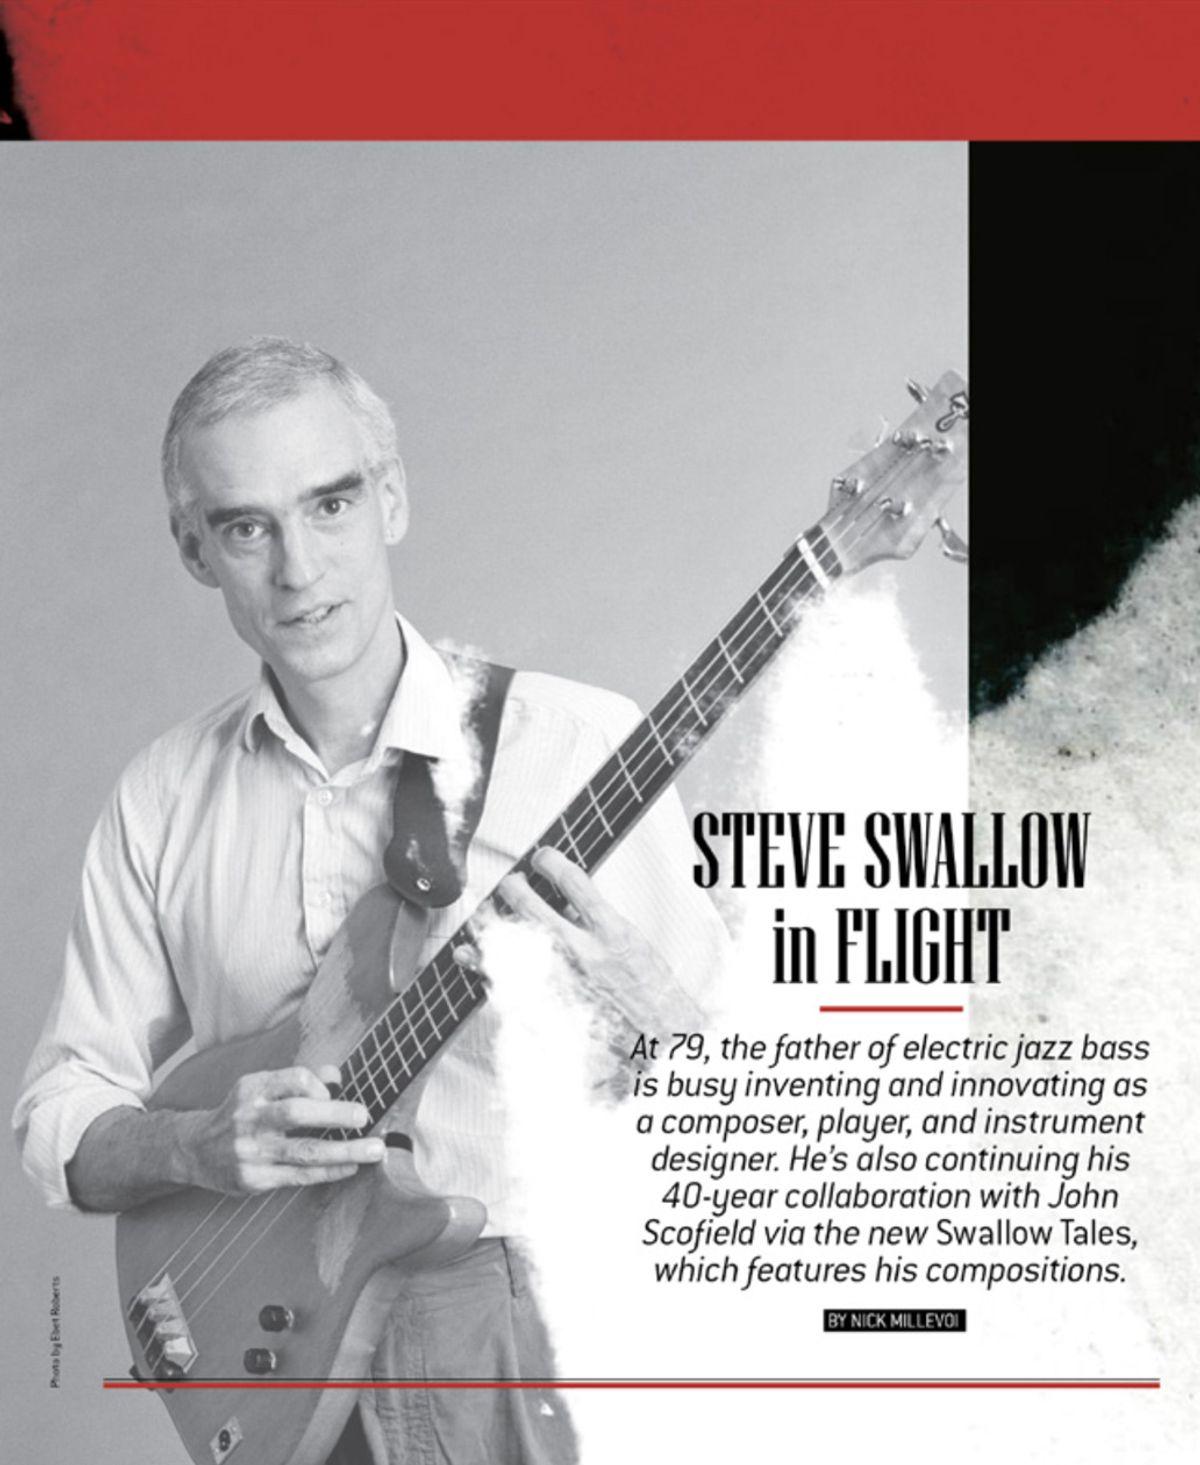 Steve Swallow in Flight